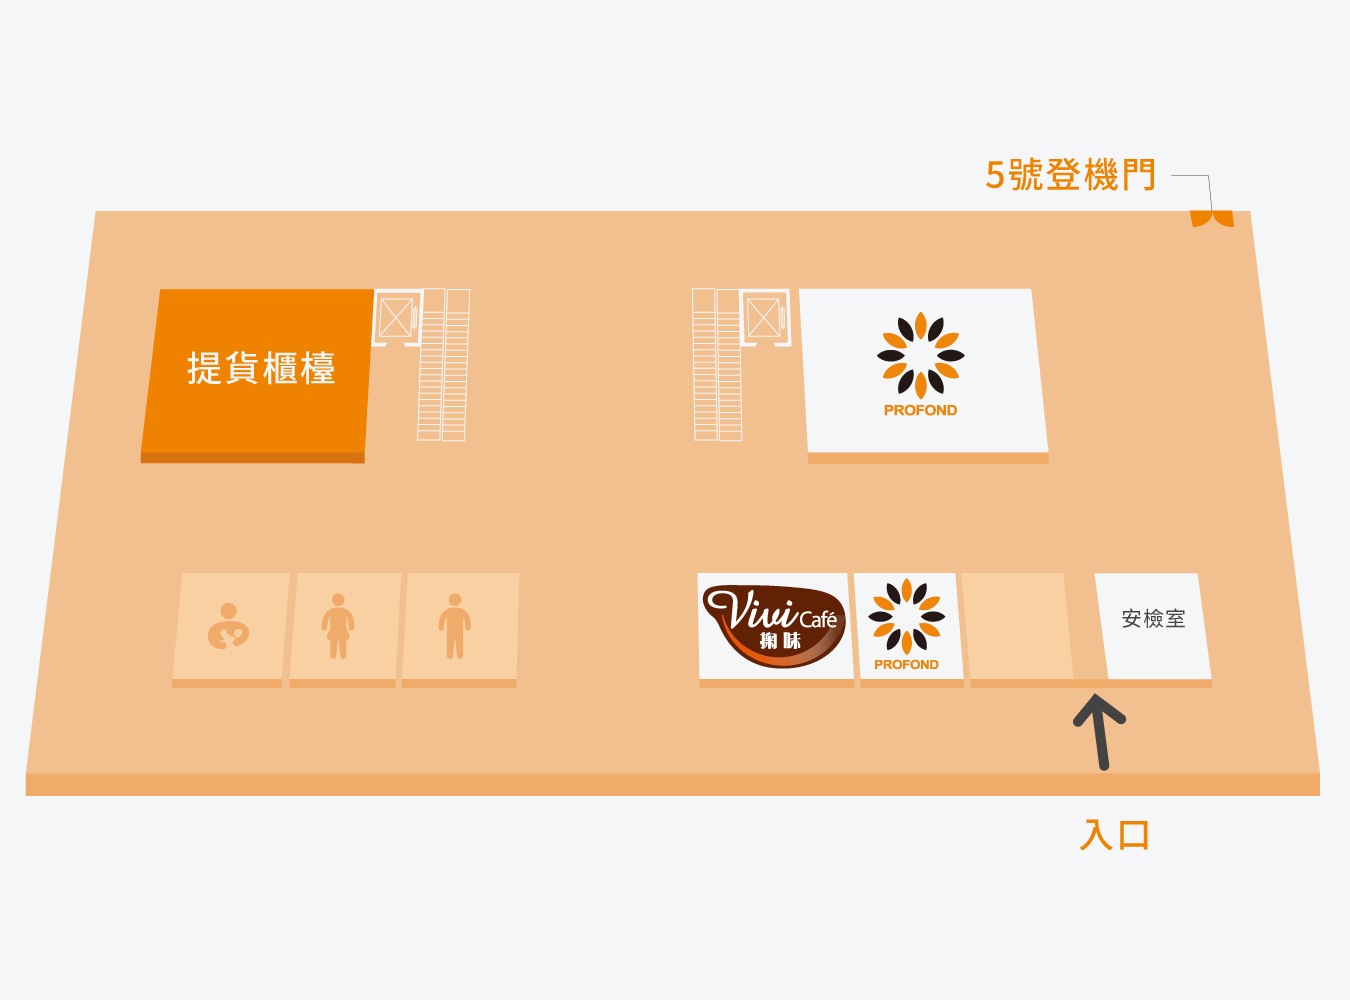 澎湖馬公機場平面圖